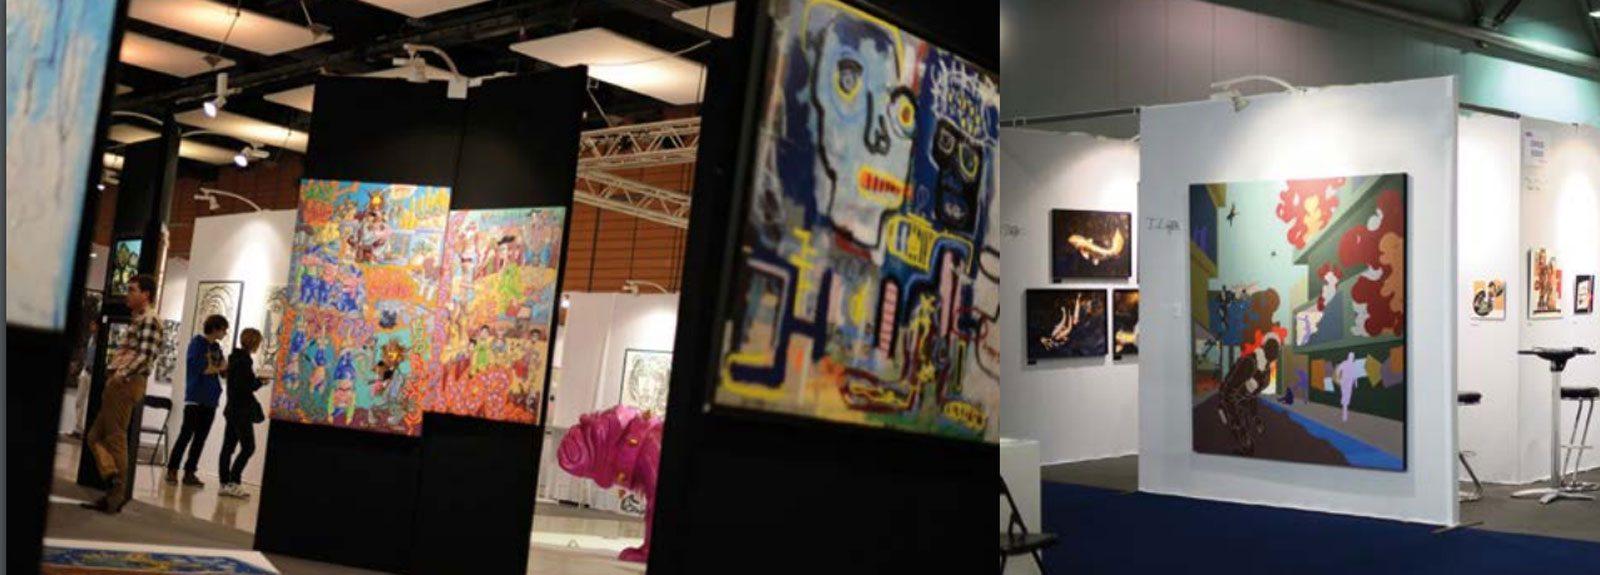 Le salon Art3F s'installe au Parc des Expositions de Metz